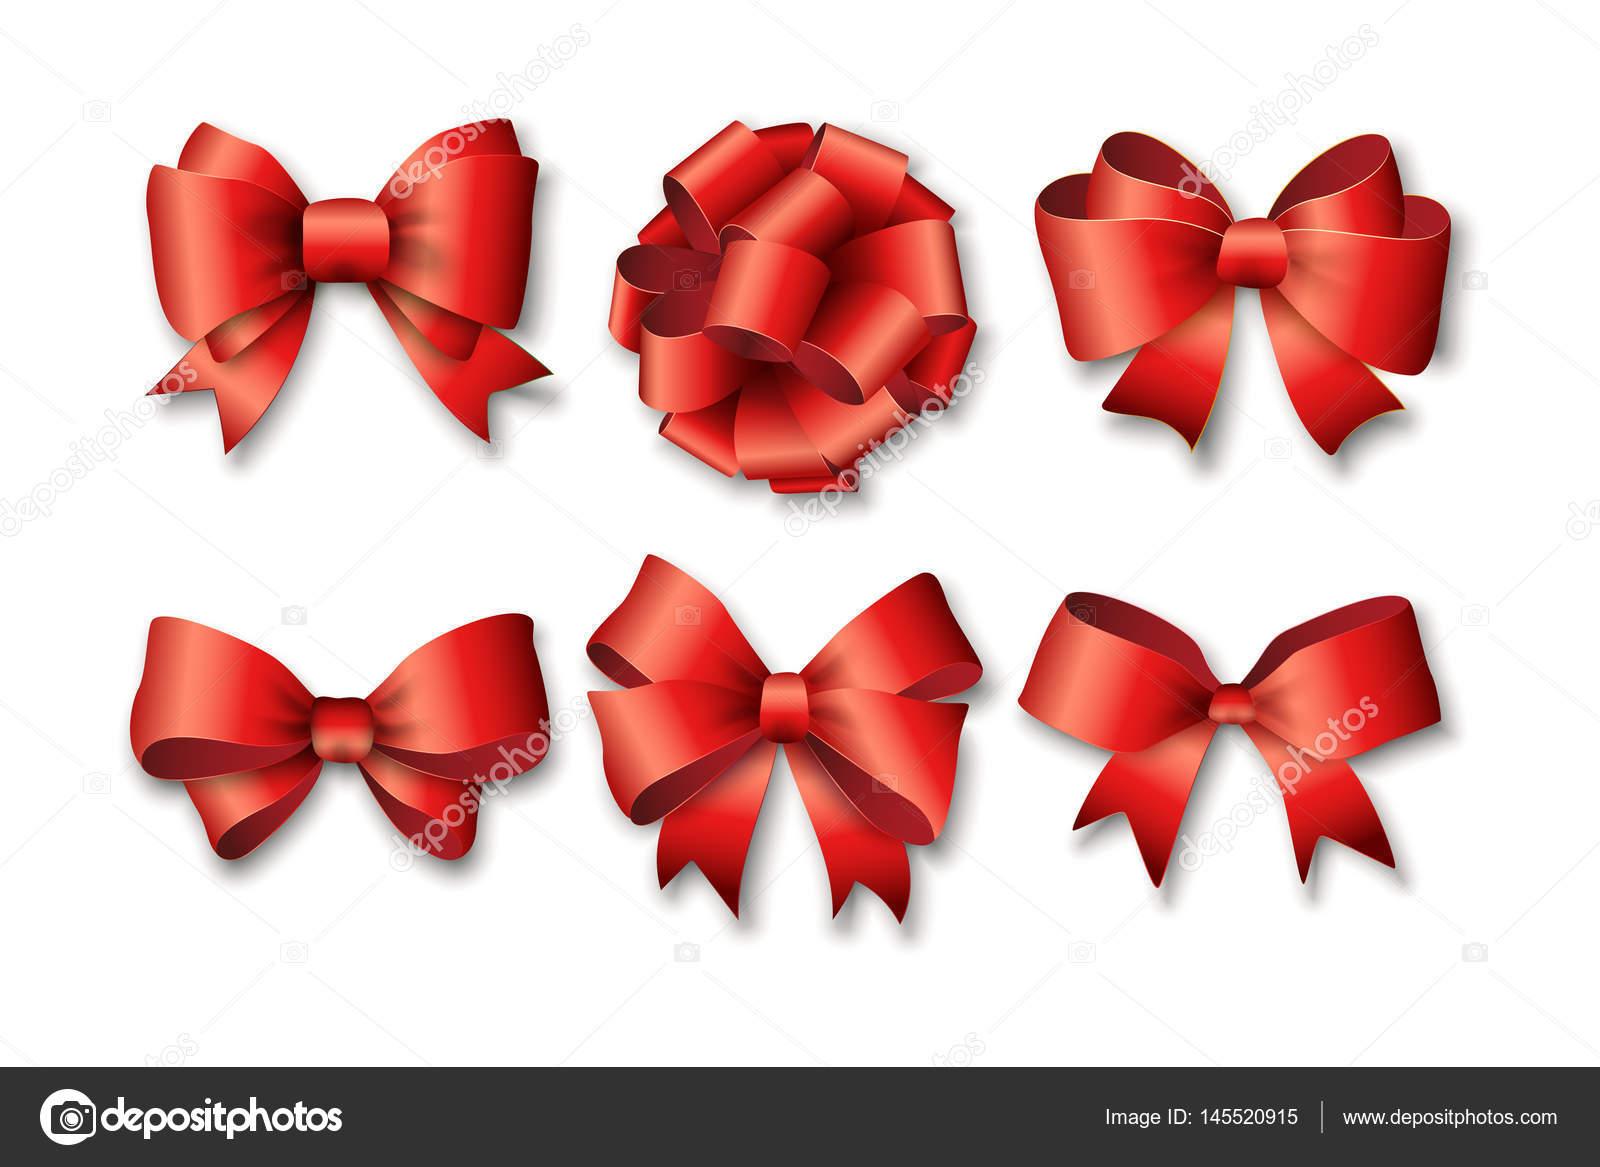 lazos rojos set para regalos vector ilustracin cintas de regalo rojo y arcos para ao nuevo celebran cumpleaos navidad u vector de adekvat